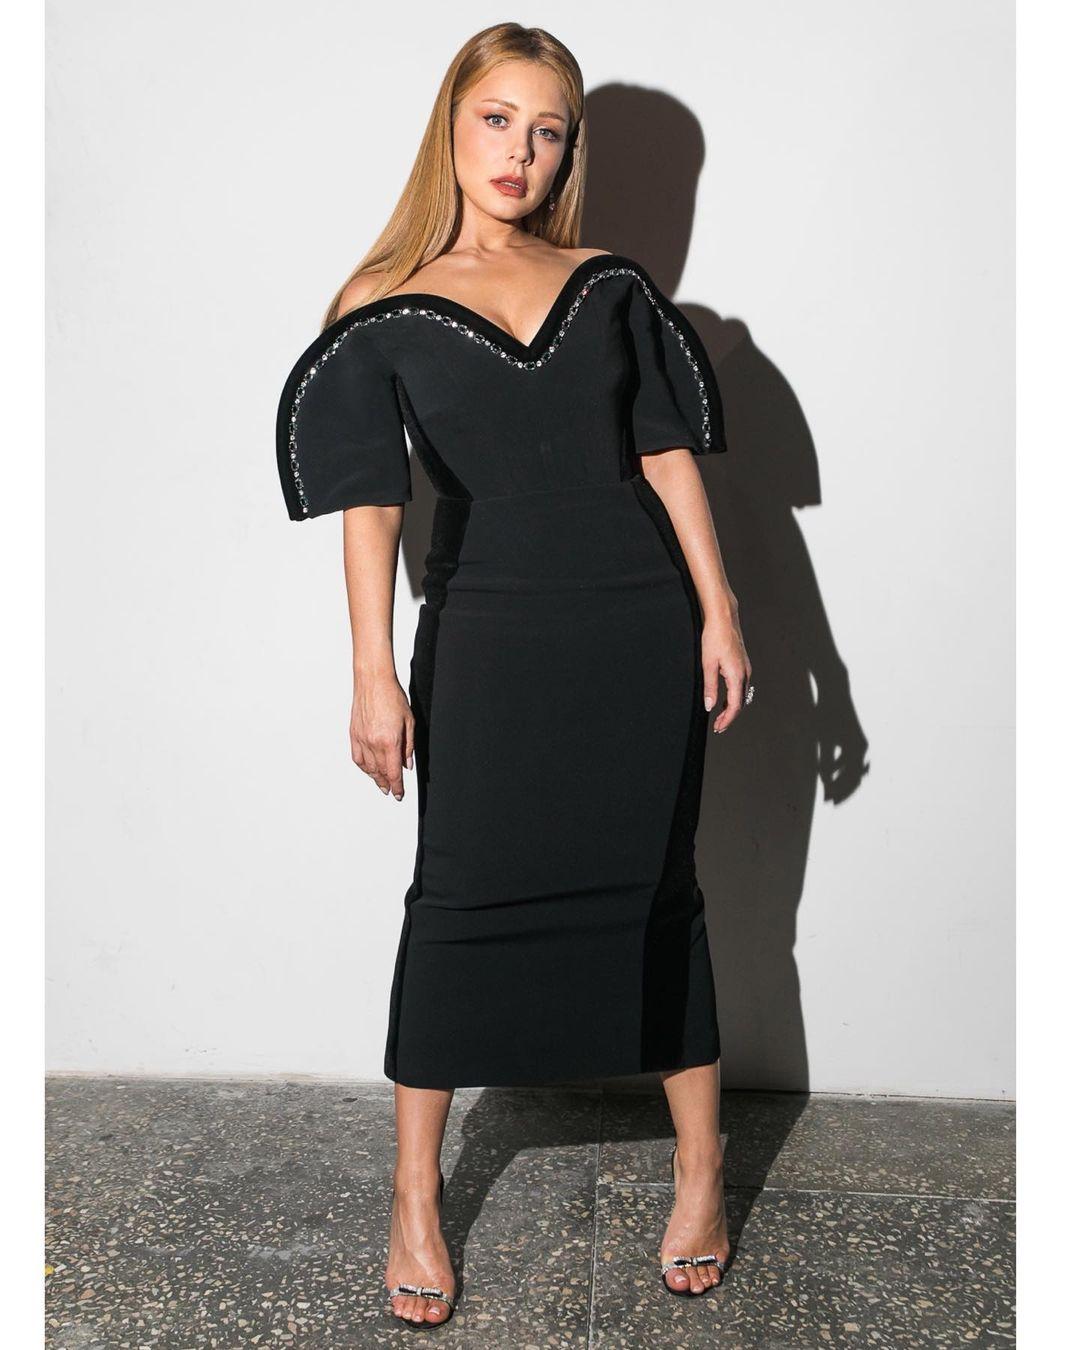 Шикарно до невозможности: Тина Кароль демонстрирует откровенные декольте в обтягивающем черном платье